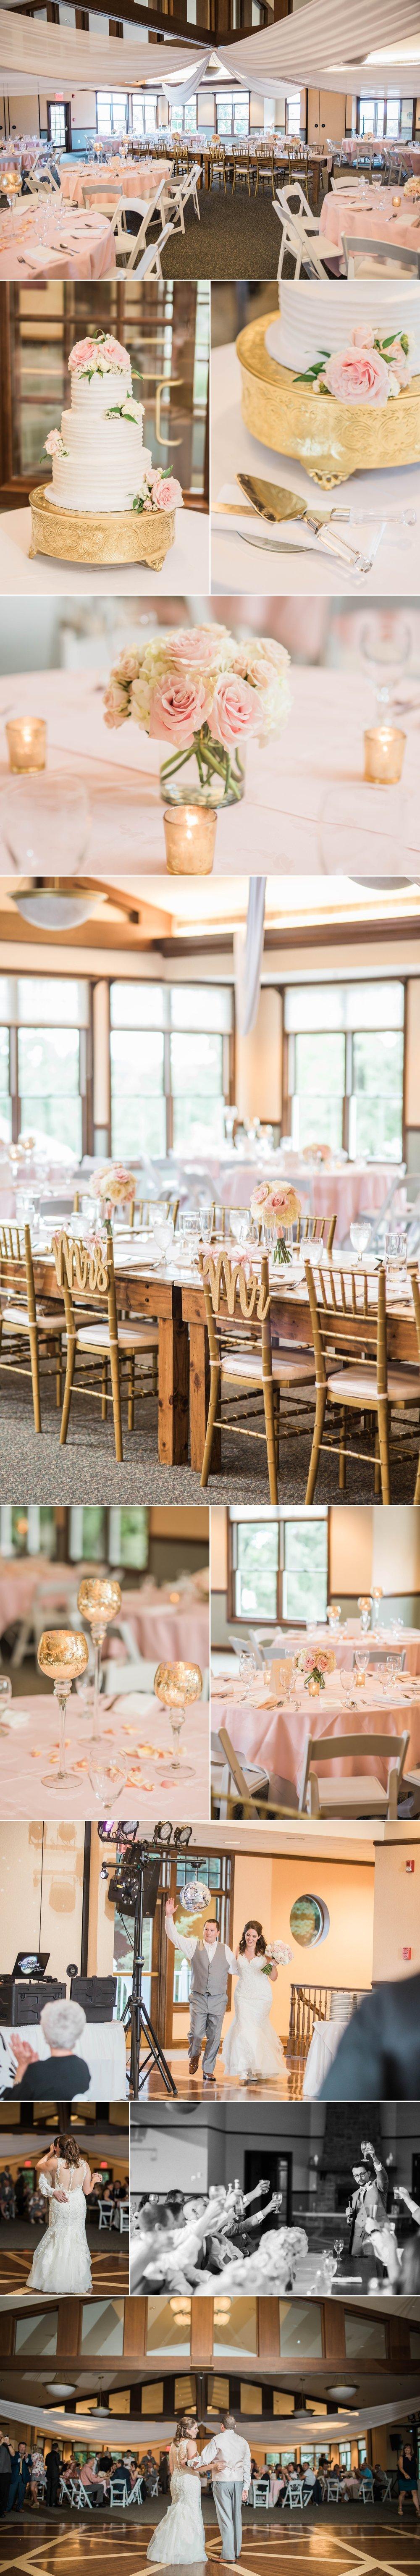 lake wawasee oakwood resort wedding indiana bride groom hilltop reception